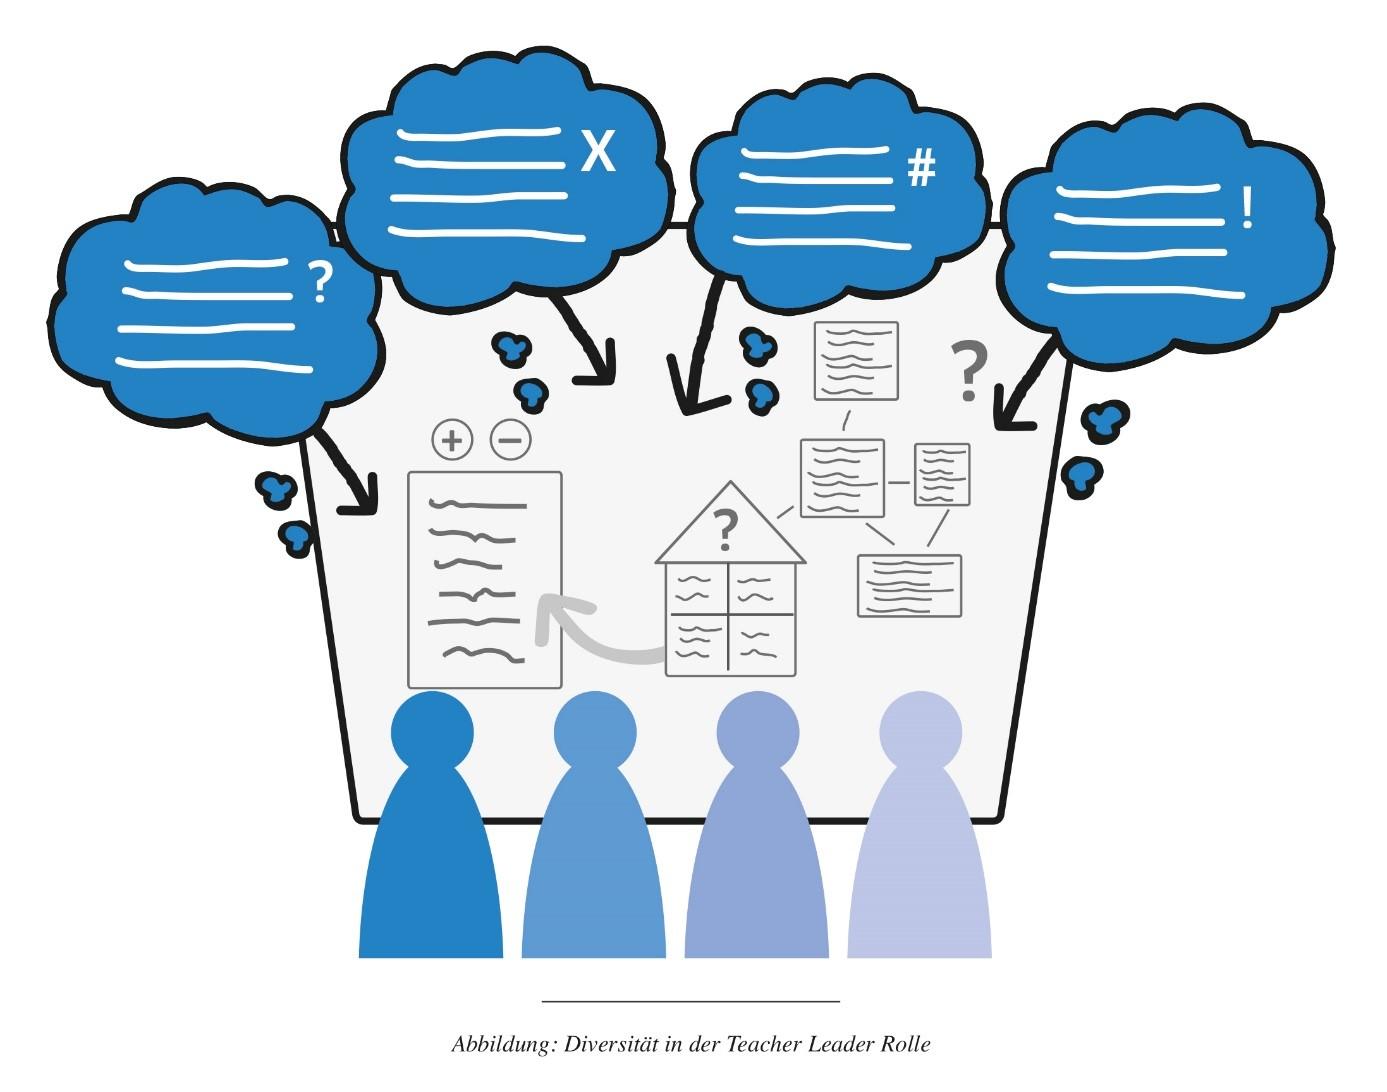 Abb. Diversität in der Teacher Leader Rolle